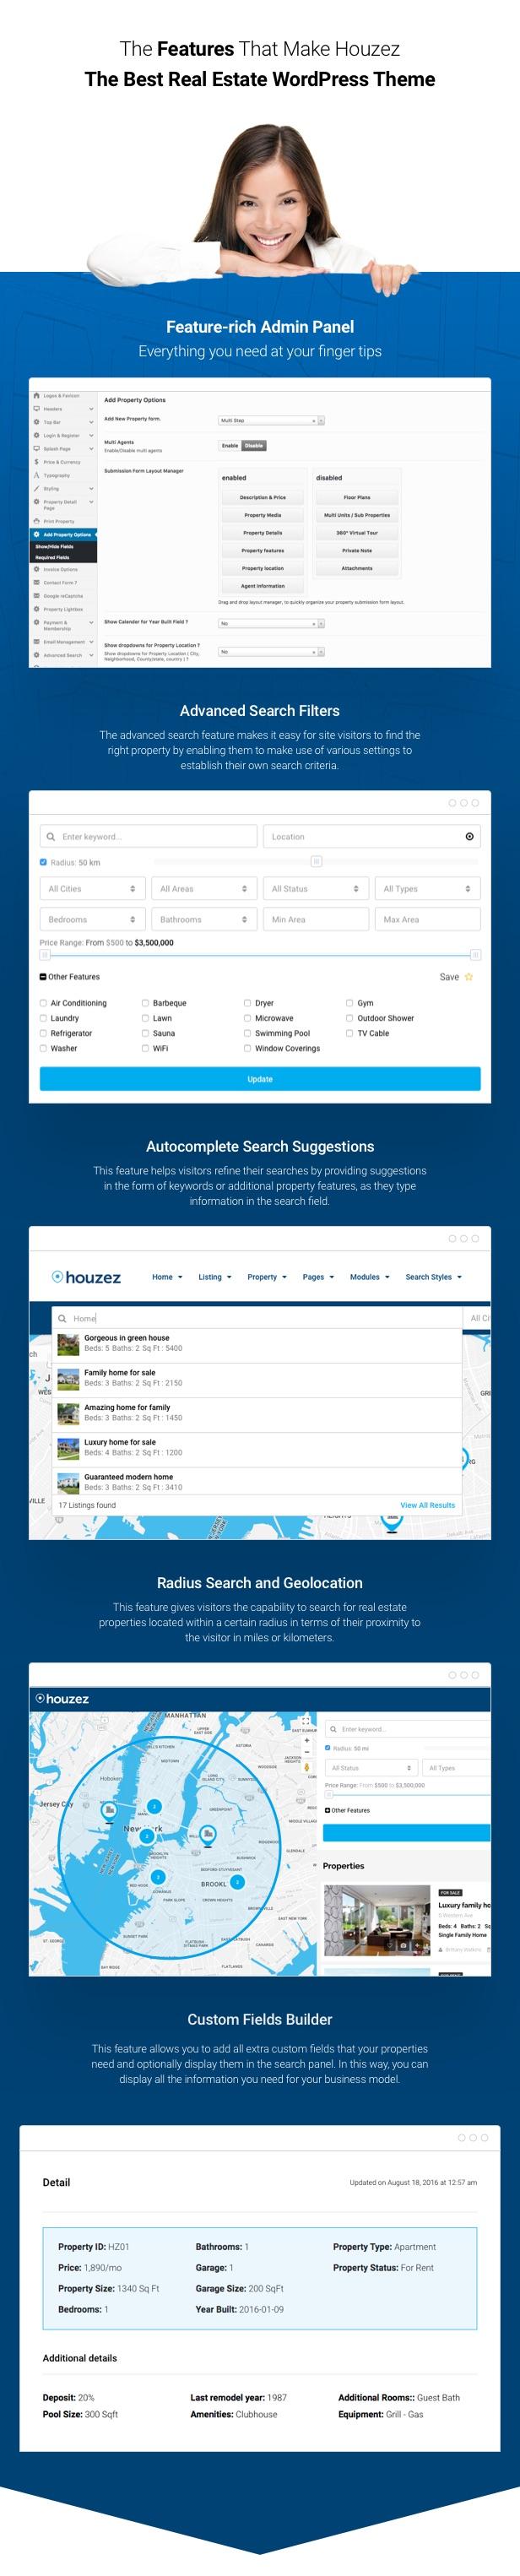 houzez6 - Houzez - Real Estate WordPress Theme